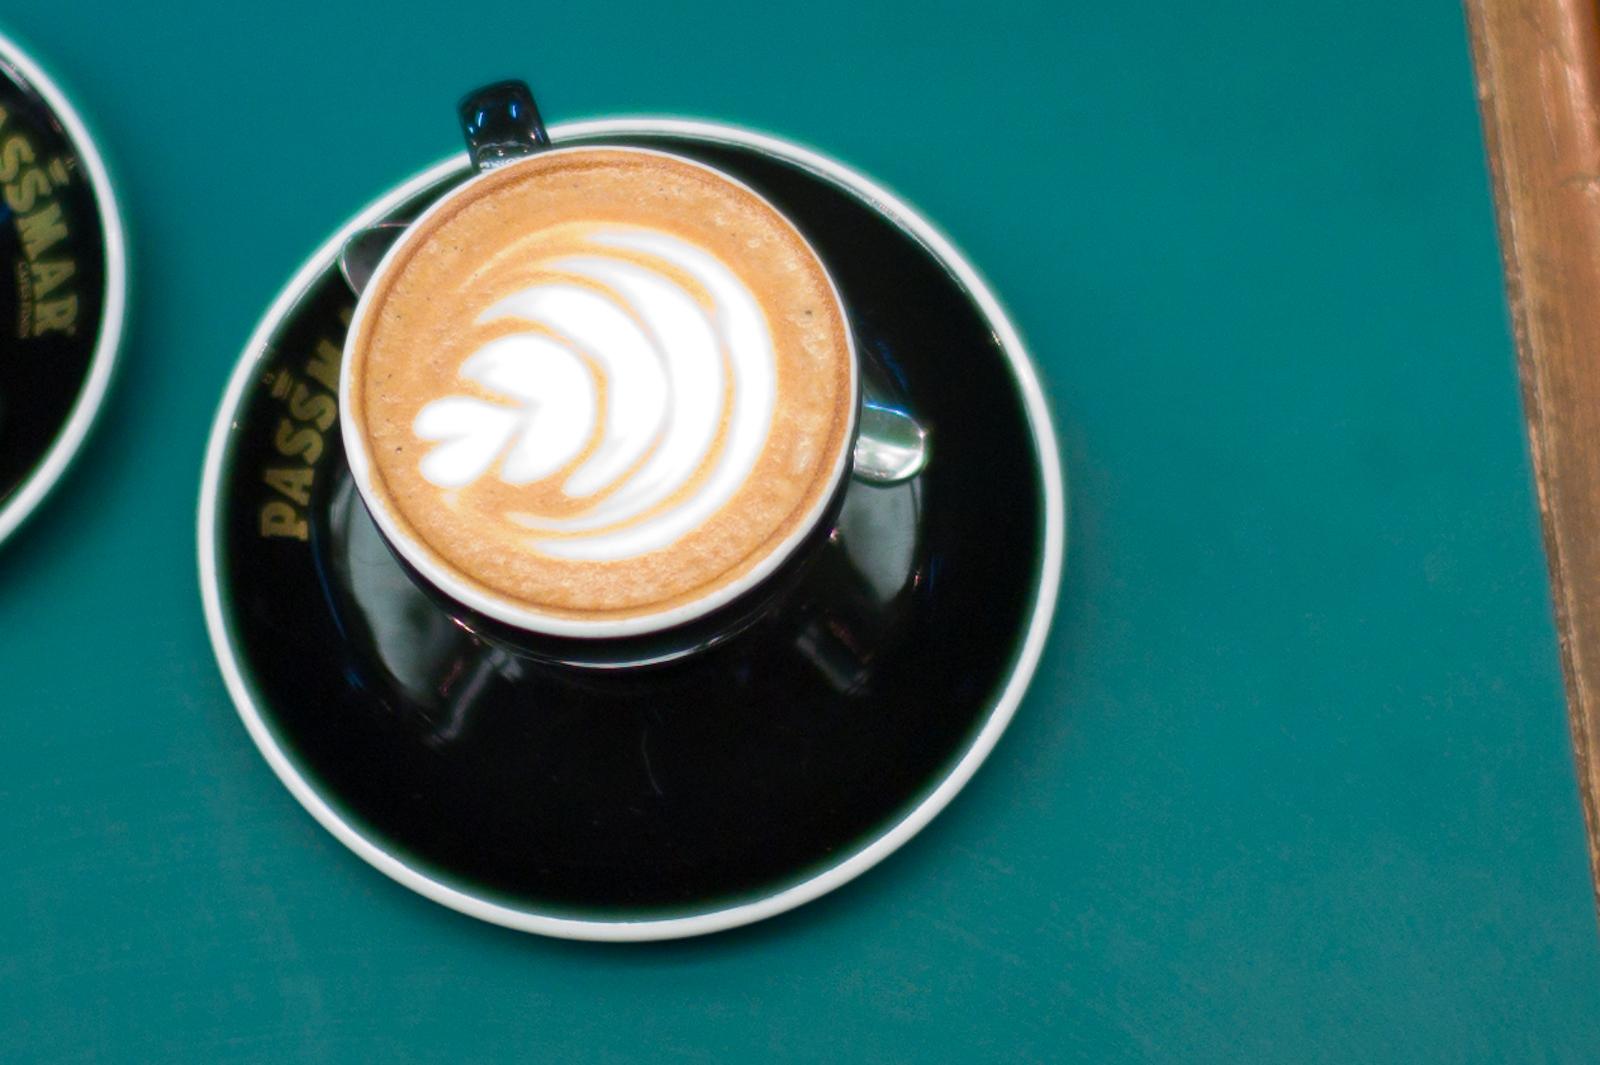 Cappuccino (20 MXP)